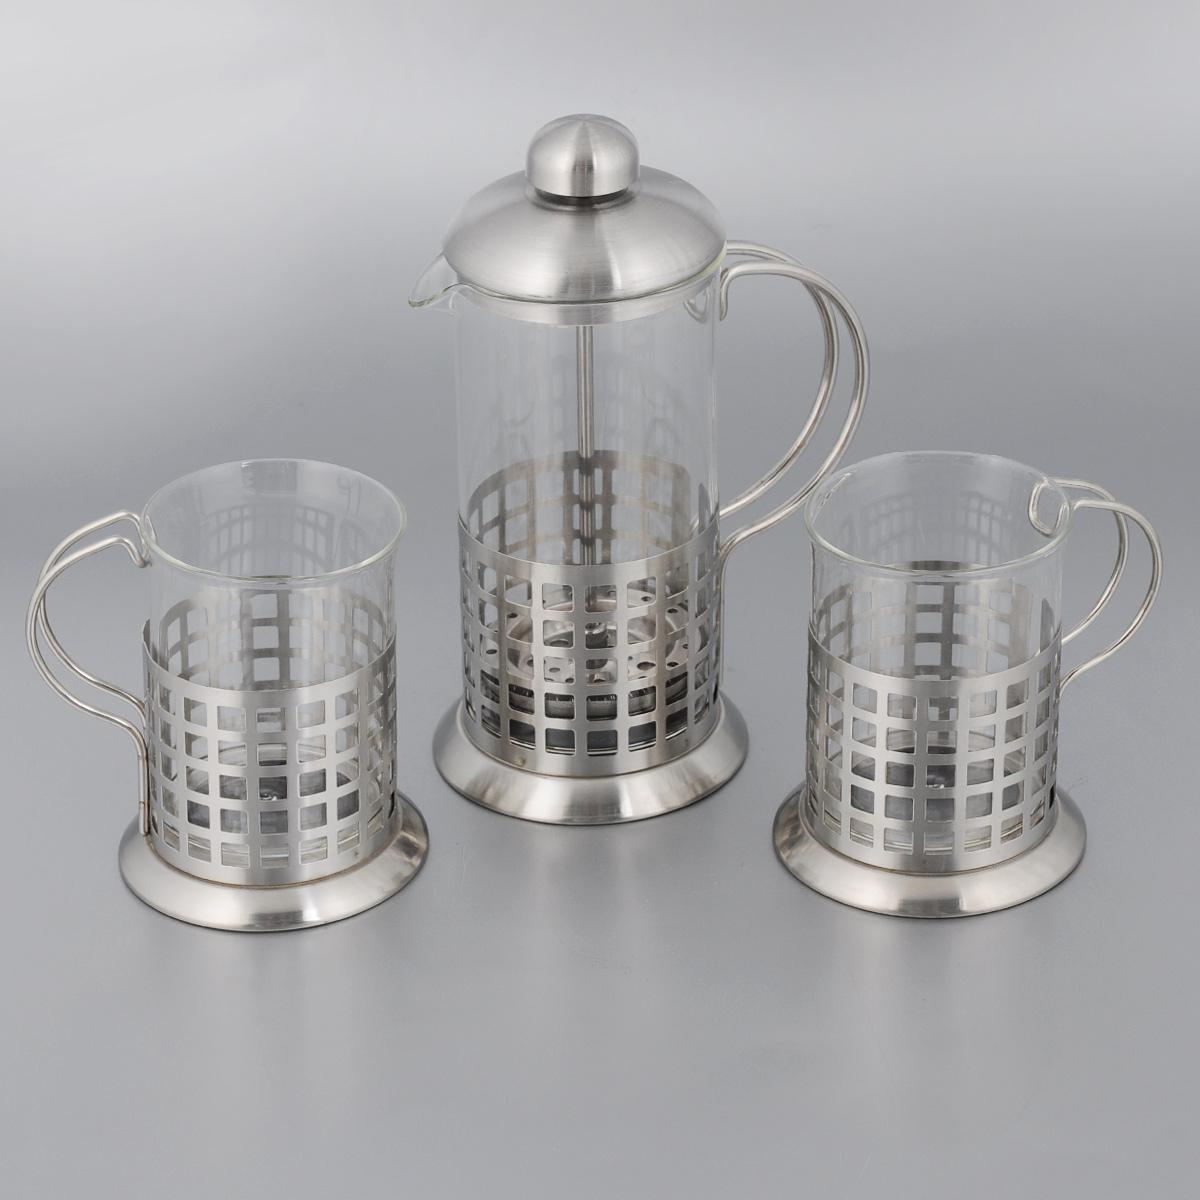 Набор кофейный Guterwahl, 3 предмета. YM-S2-006/350